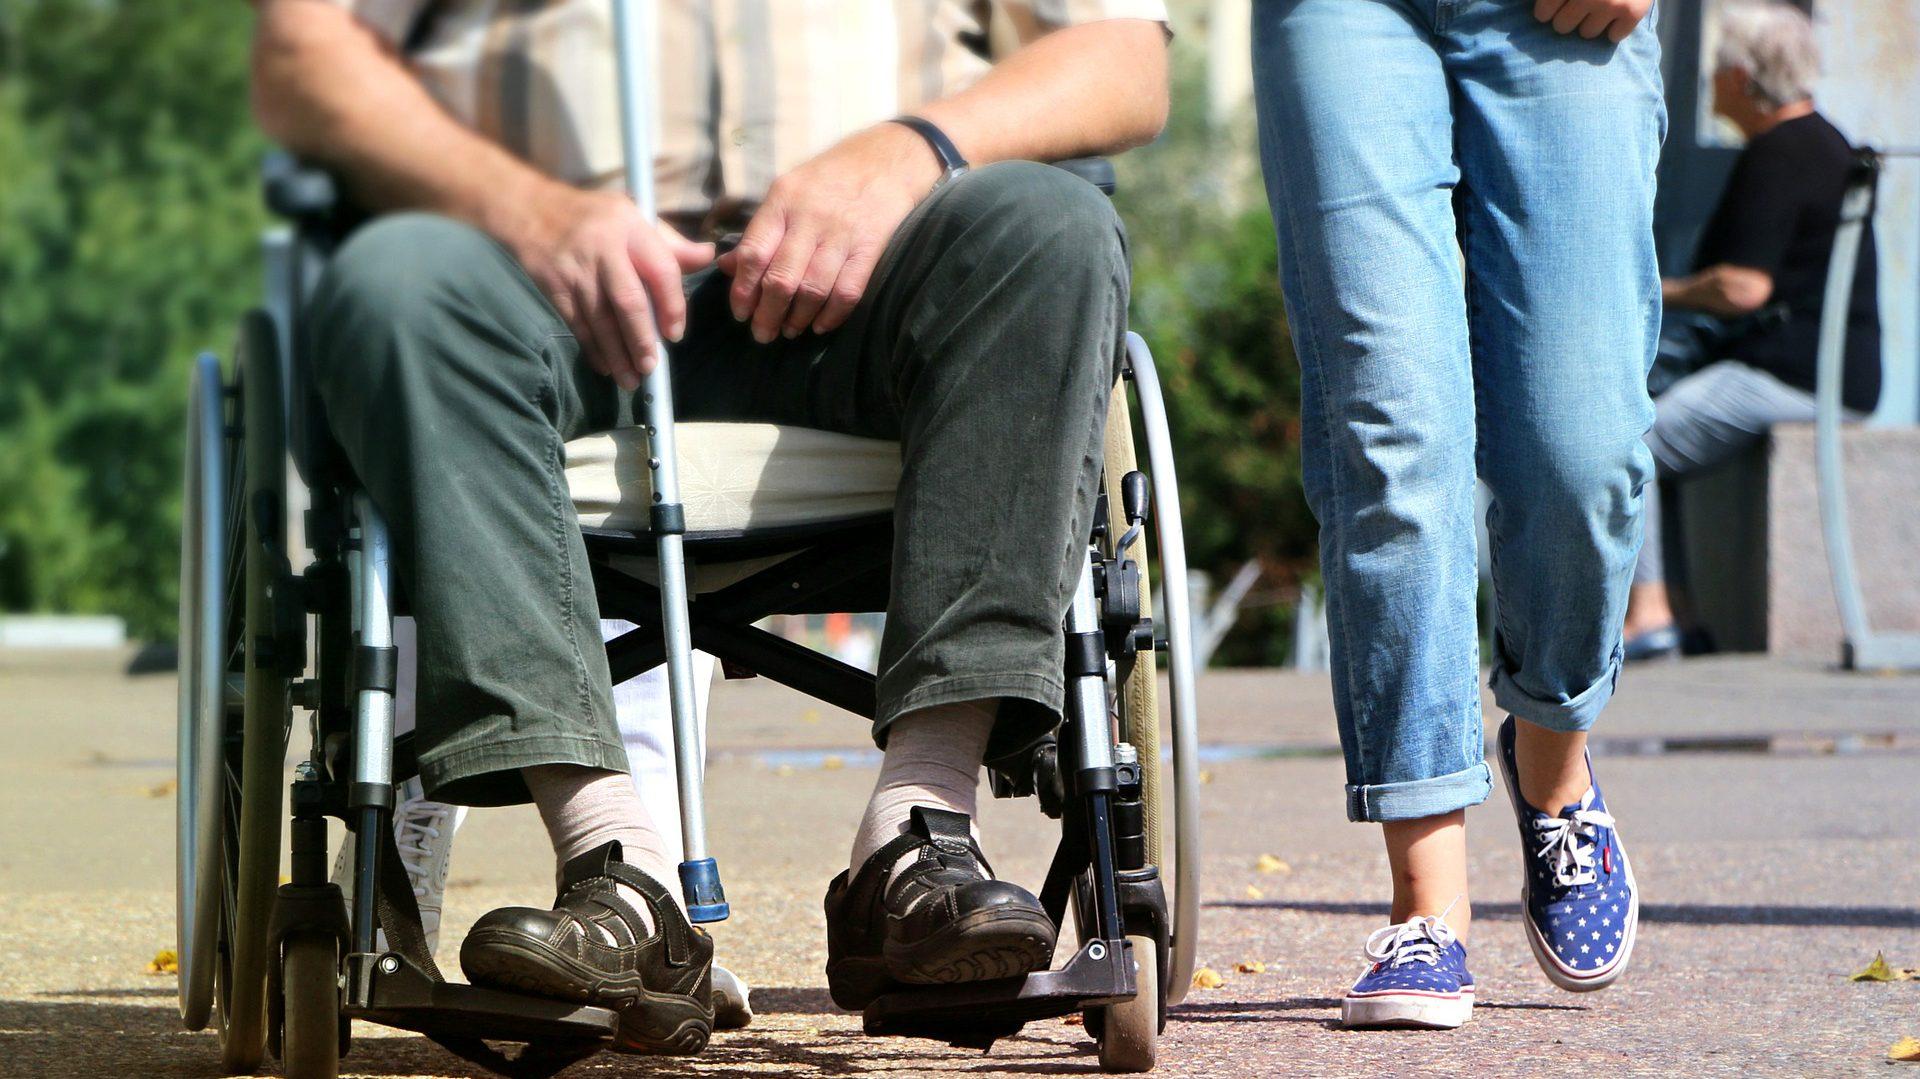 30 mln zł dla samorządów. Ruszają usługi asystenta osobistego dla osób niepełnosprawnych